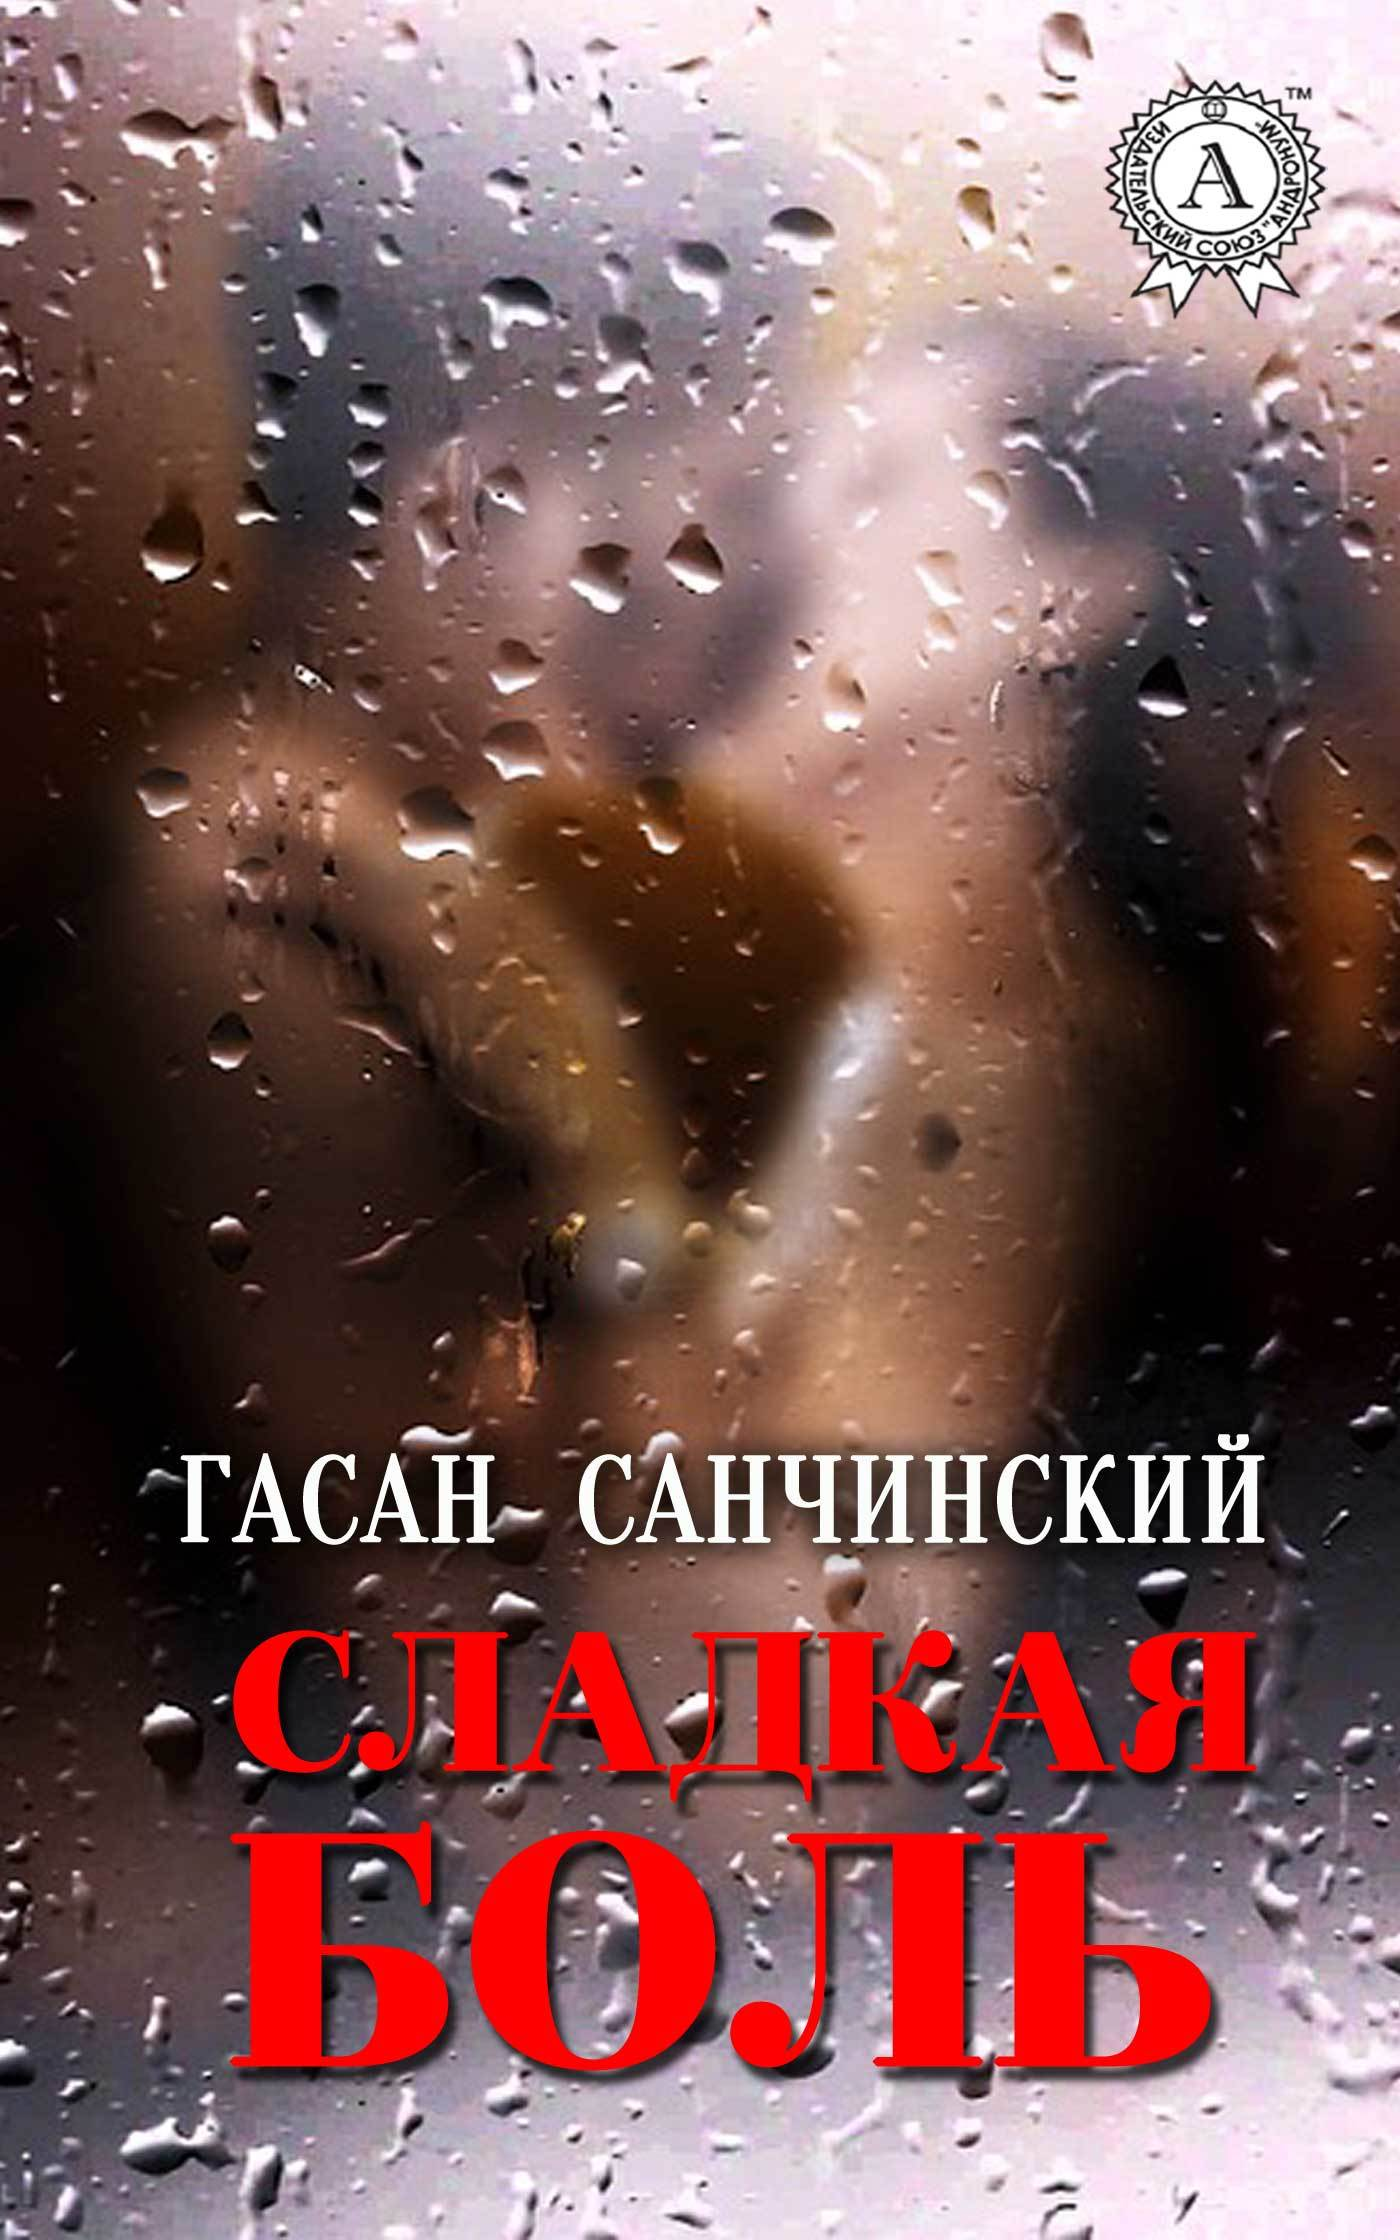 Гасан Санчинский бесплатно